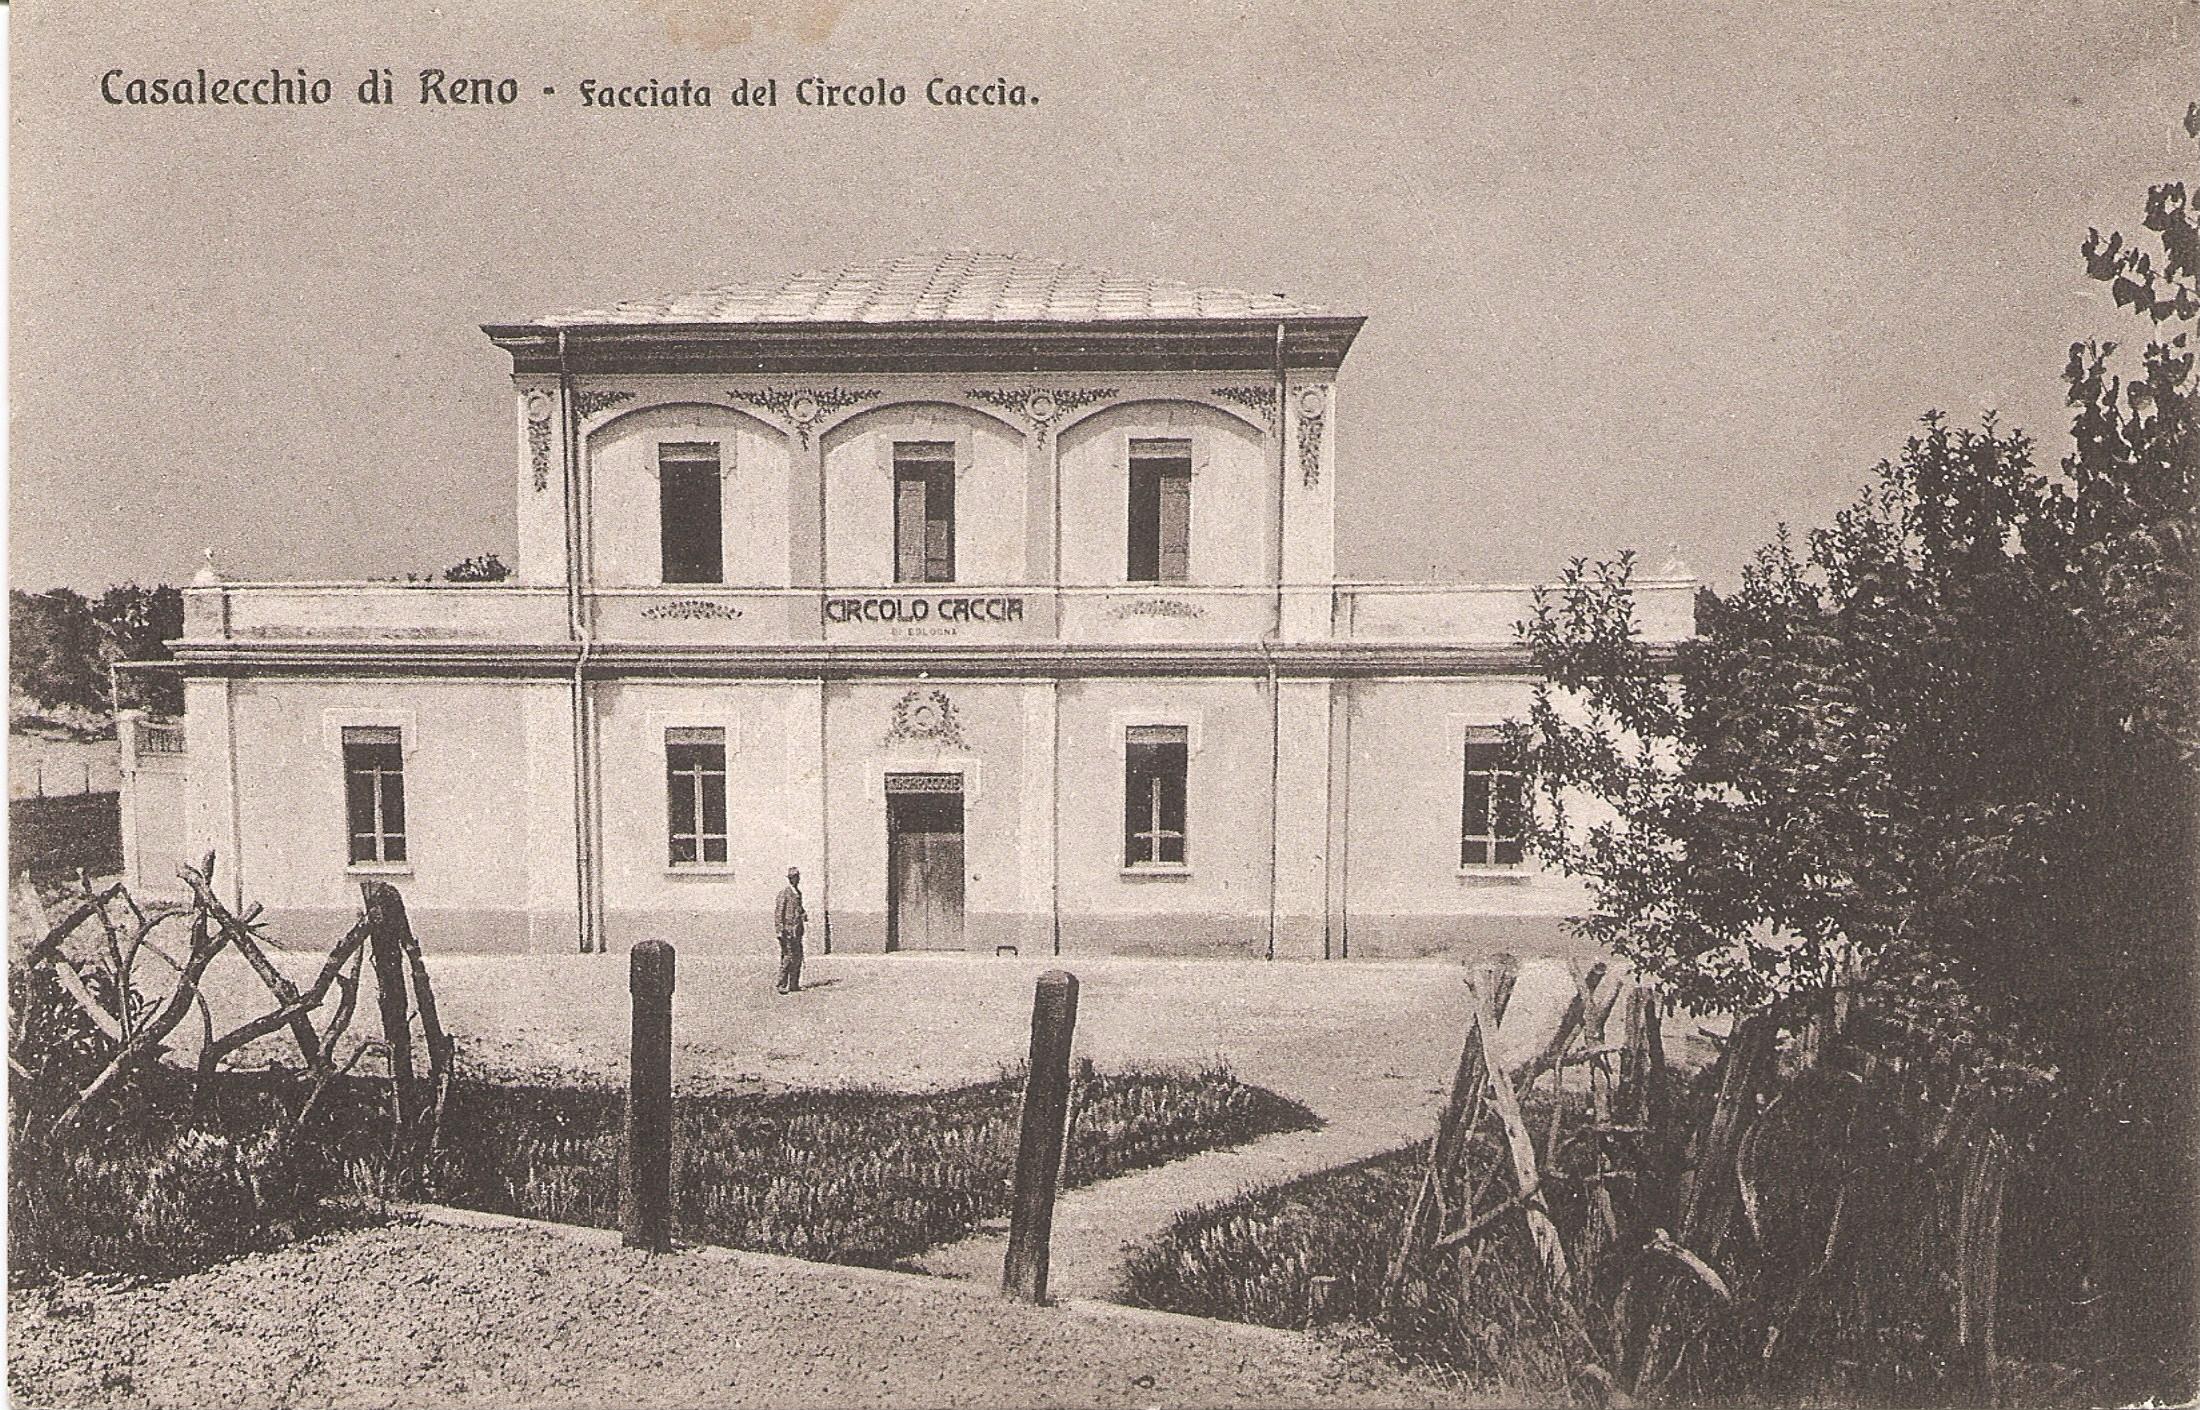 Circolo della Caccia, lo stand del Tiro a volo (Archivio fotografico Biblioteca C. Pavese)